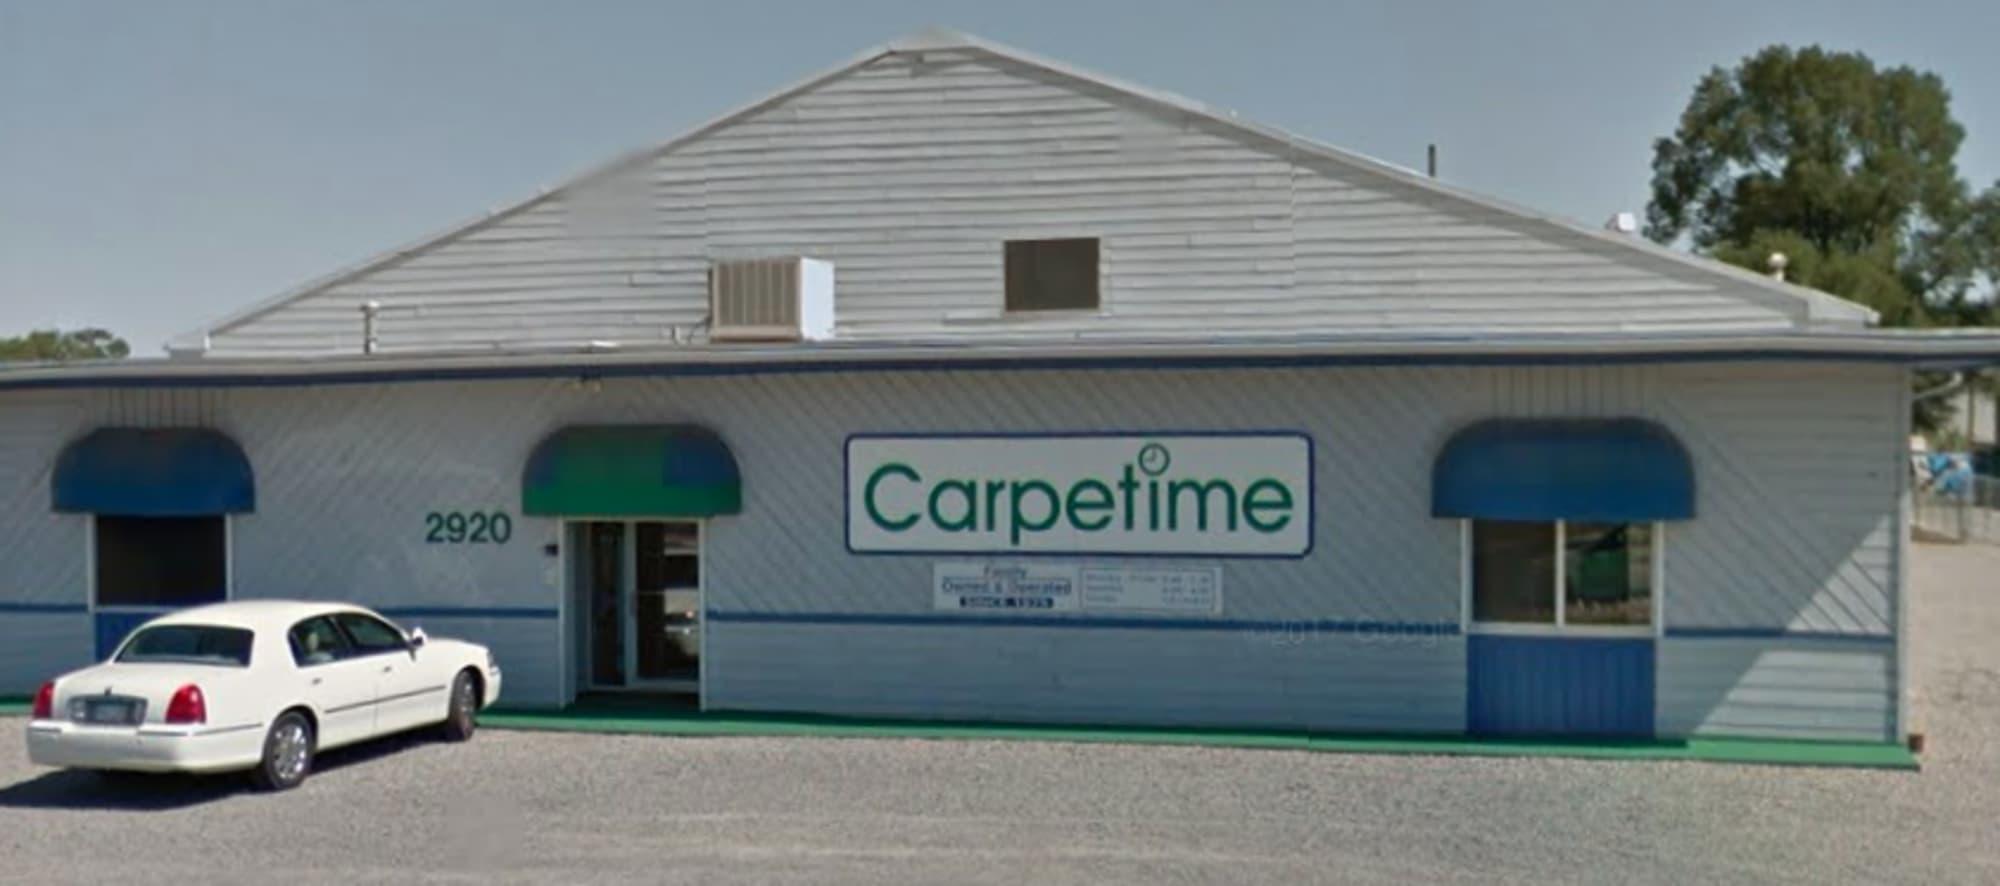 Carpetime - 2920 I-70BL Grand Junction, CO 81504